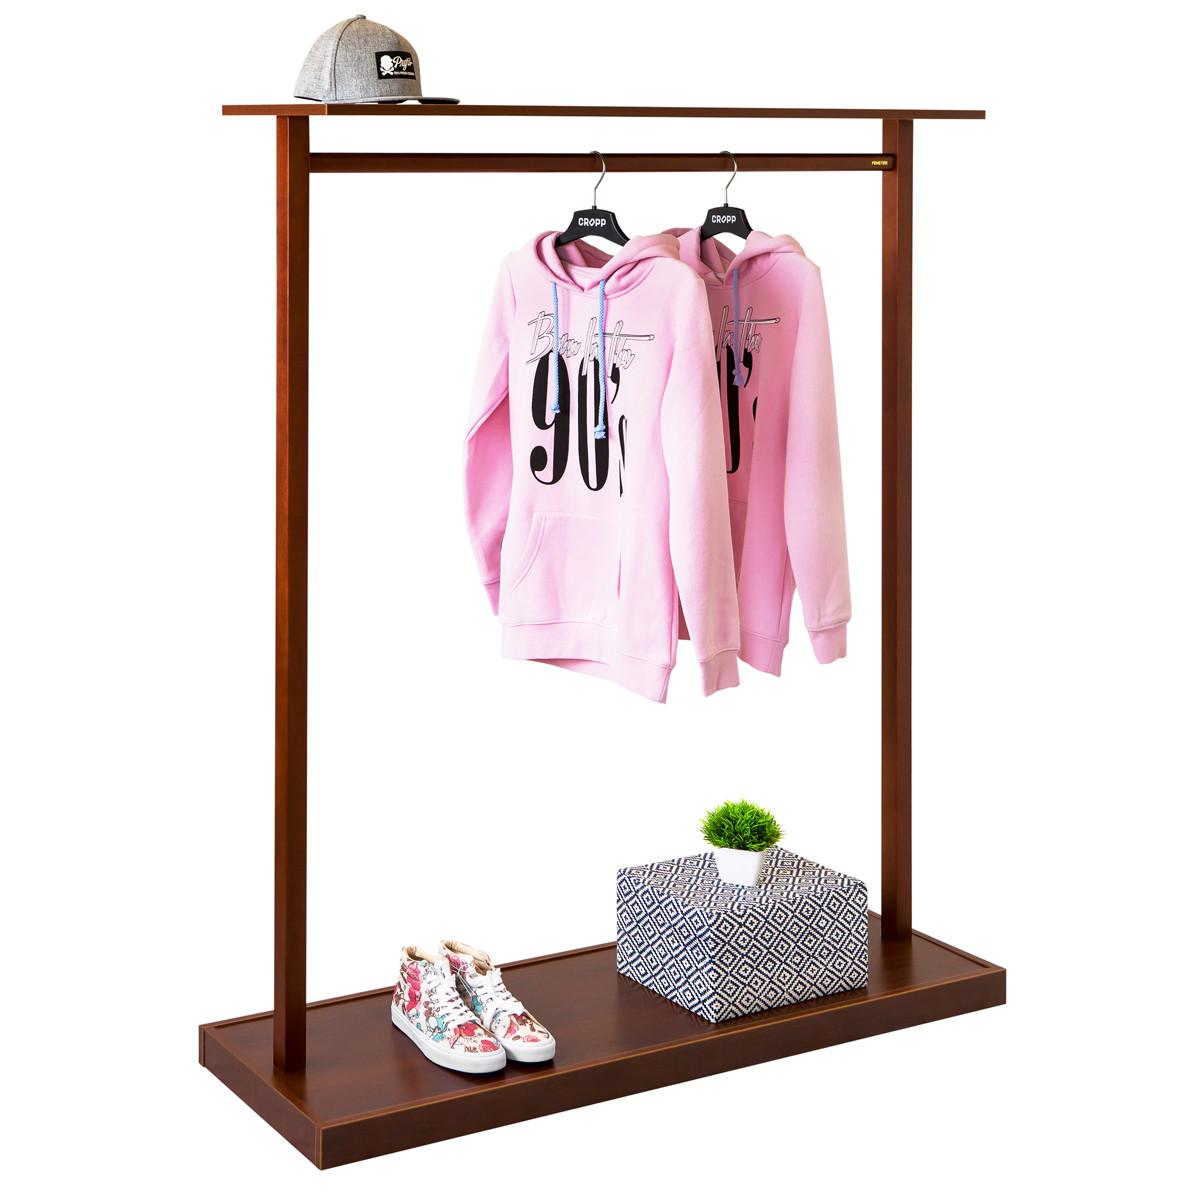 Стойка для одежды напольная фото вариантов